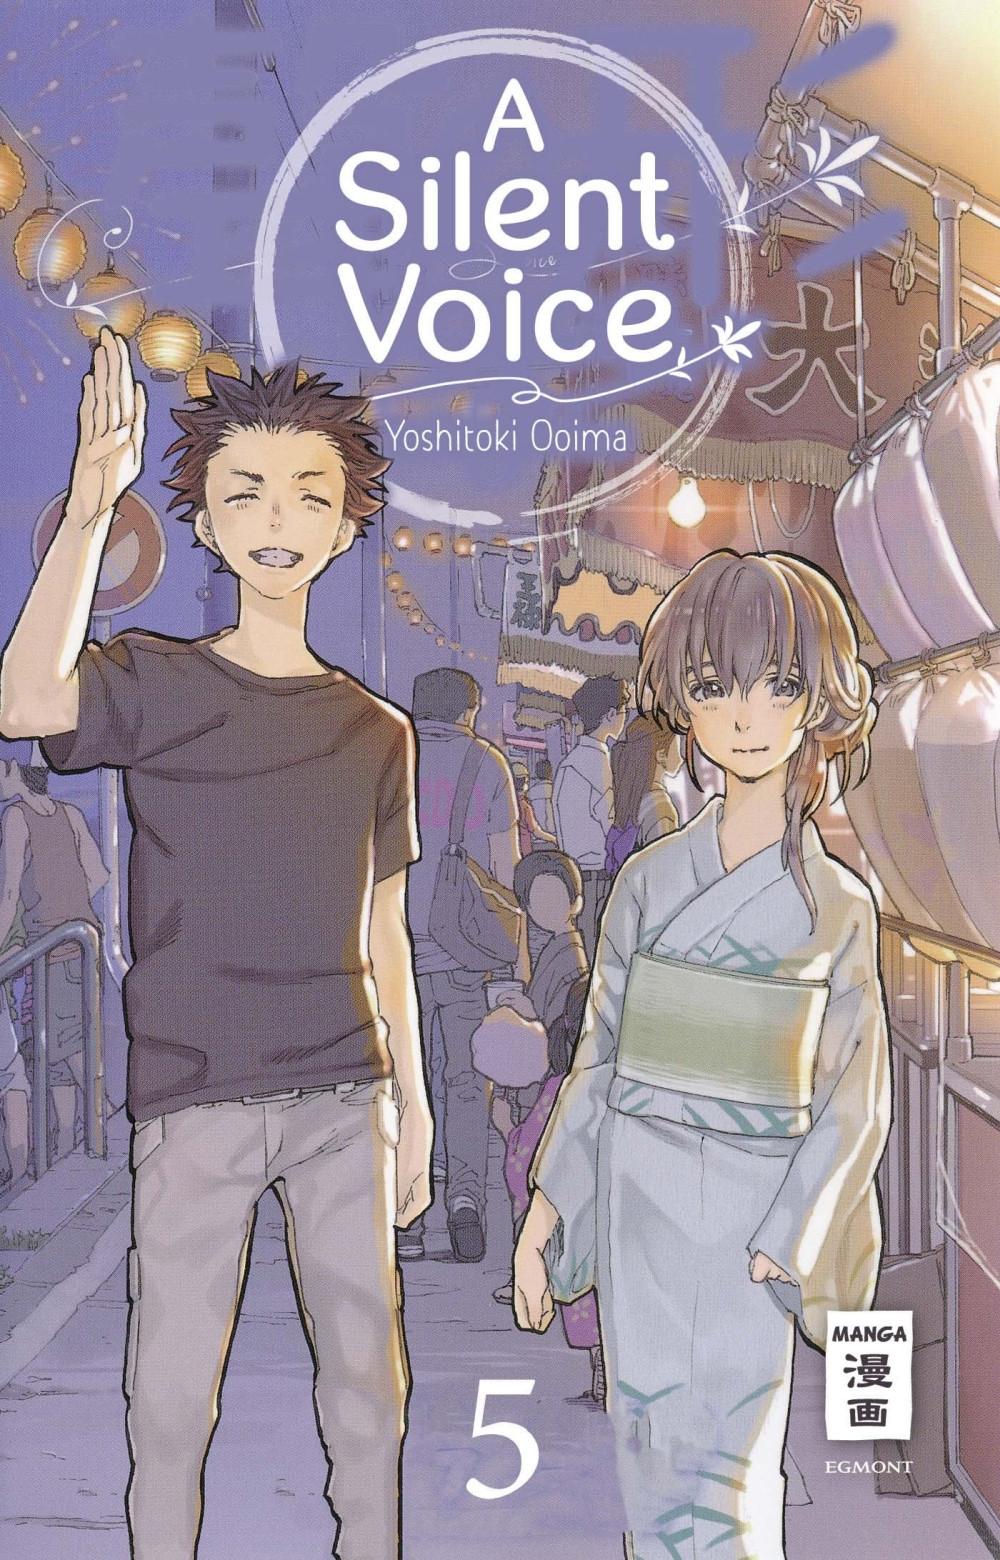 manga-mafia de - a silent voice 5 manga